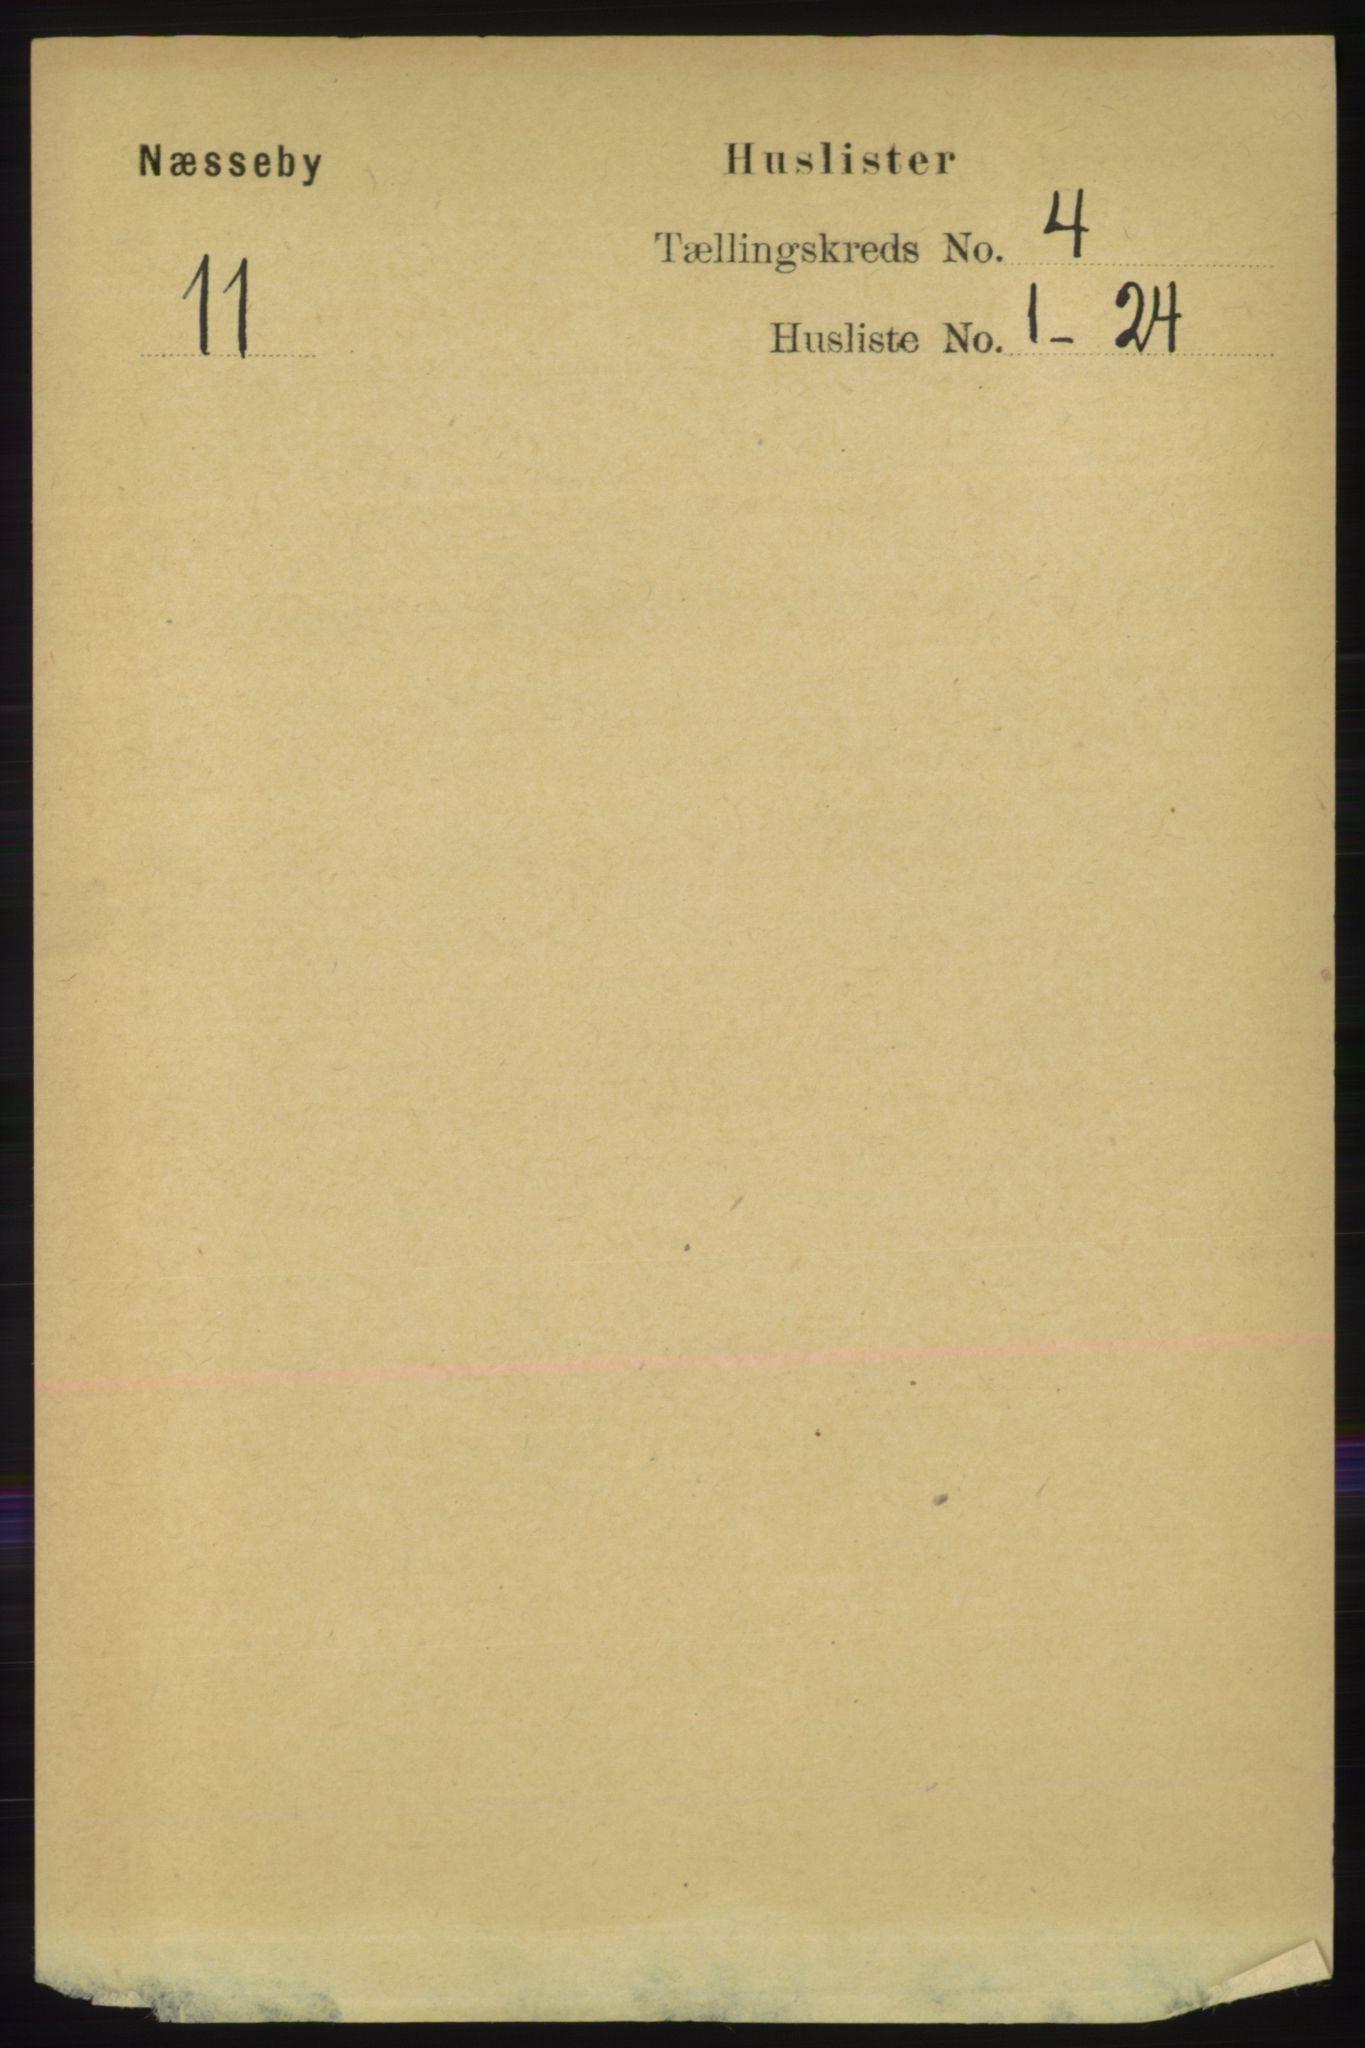 RA, Folketelling 1891 for 2027 Nesseby herred, 1891, s. 1207